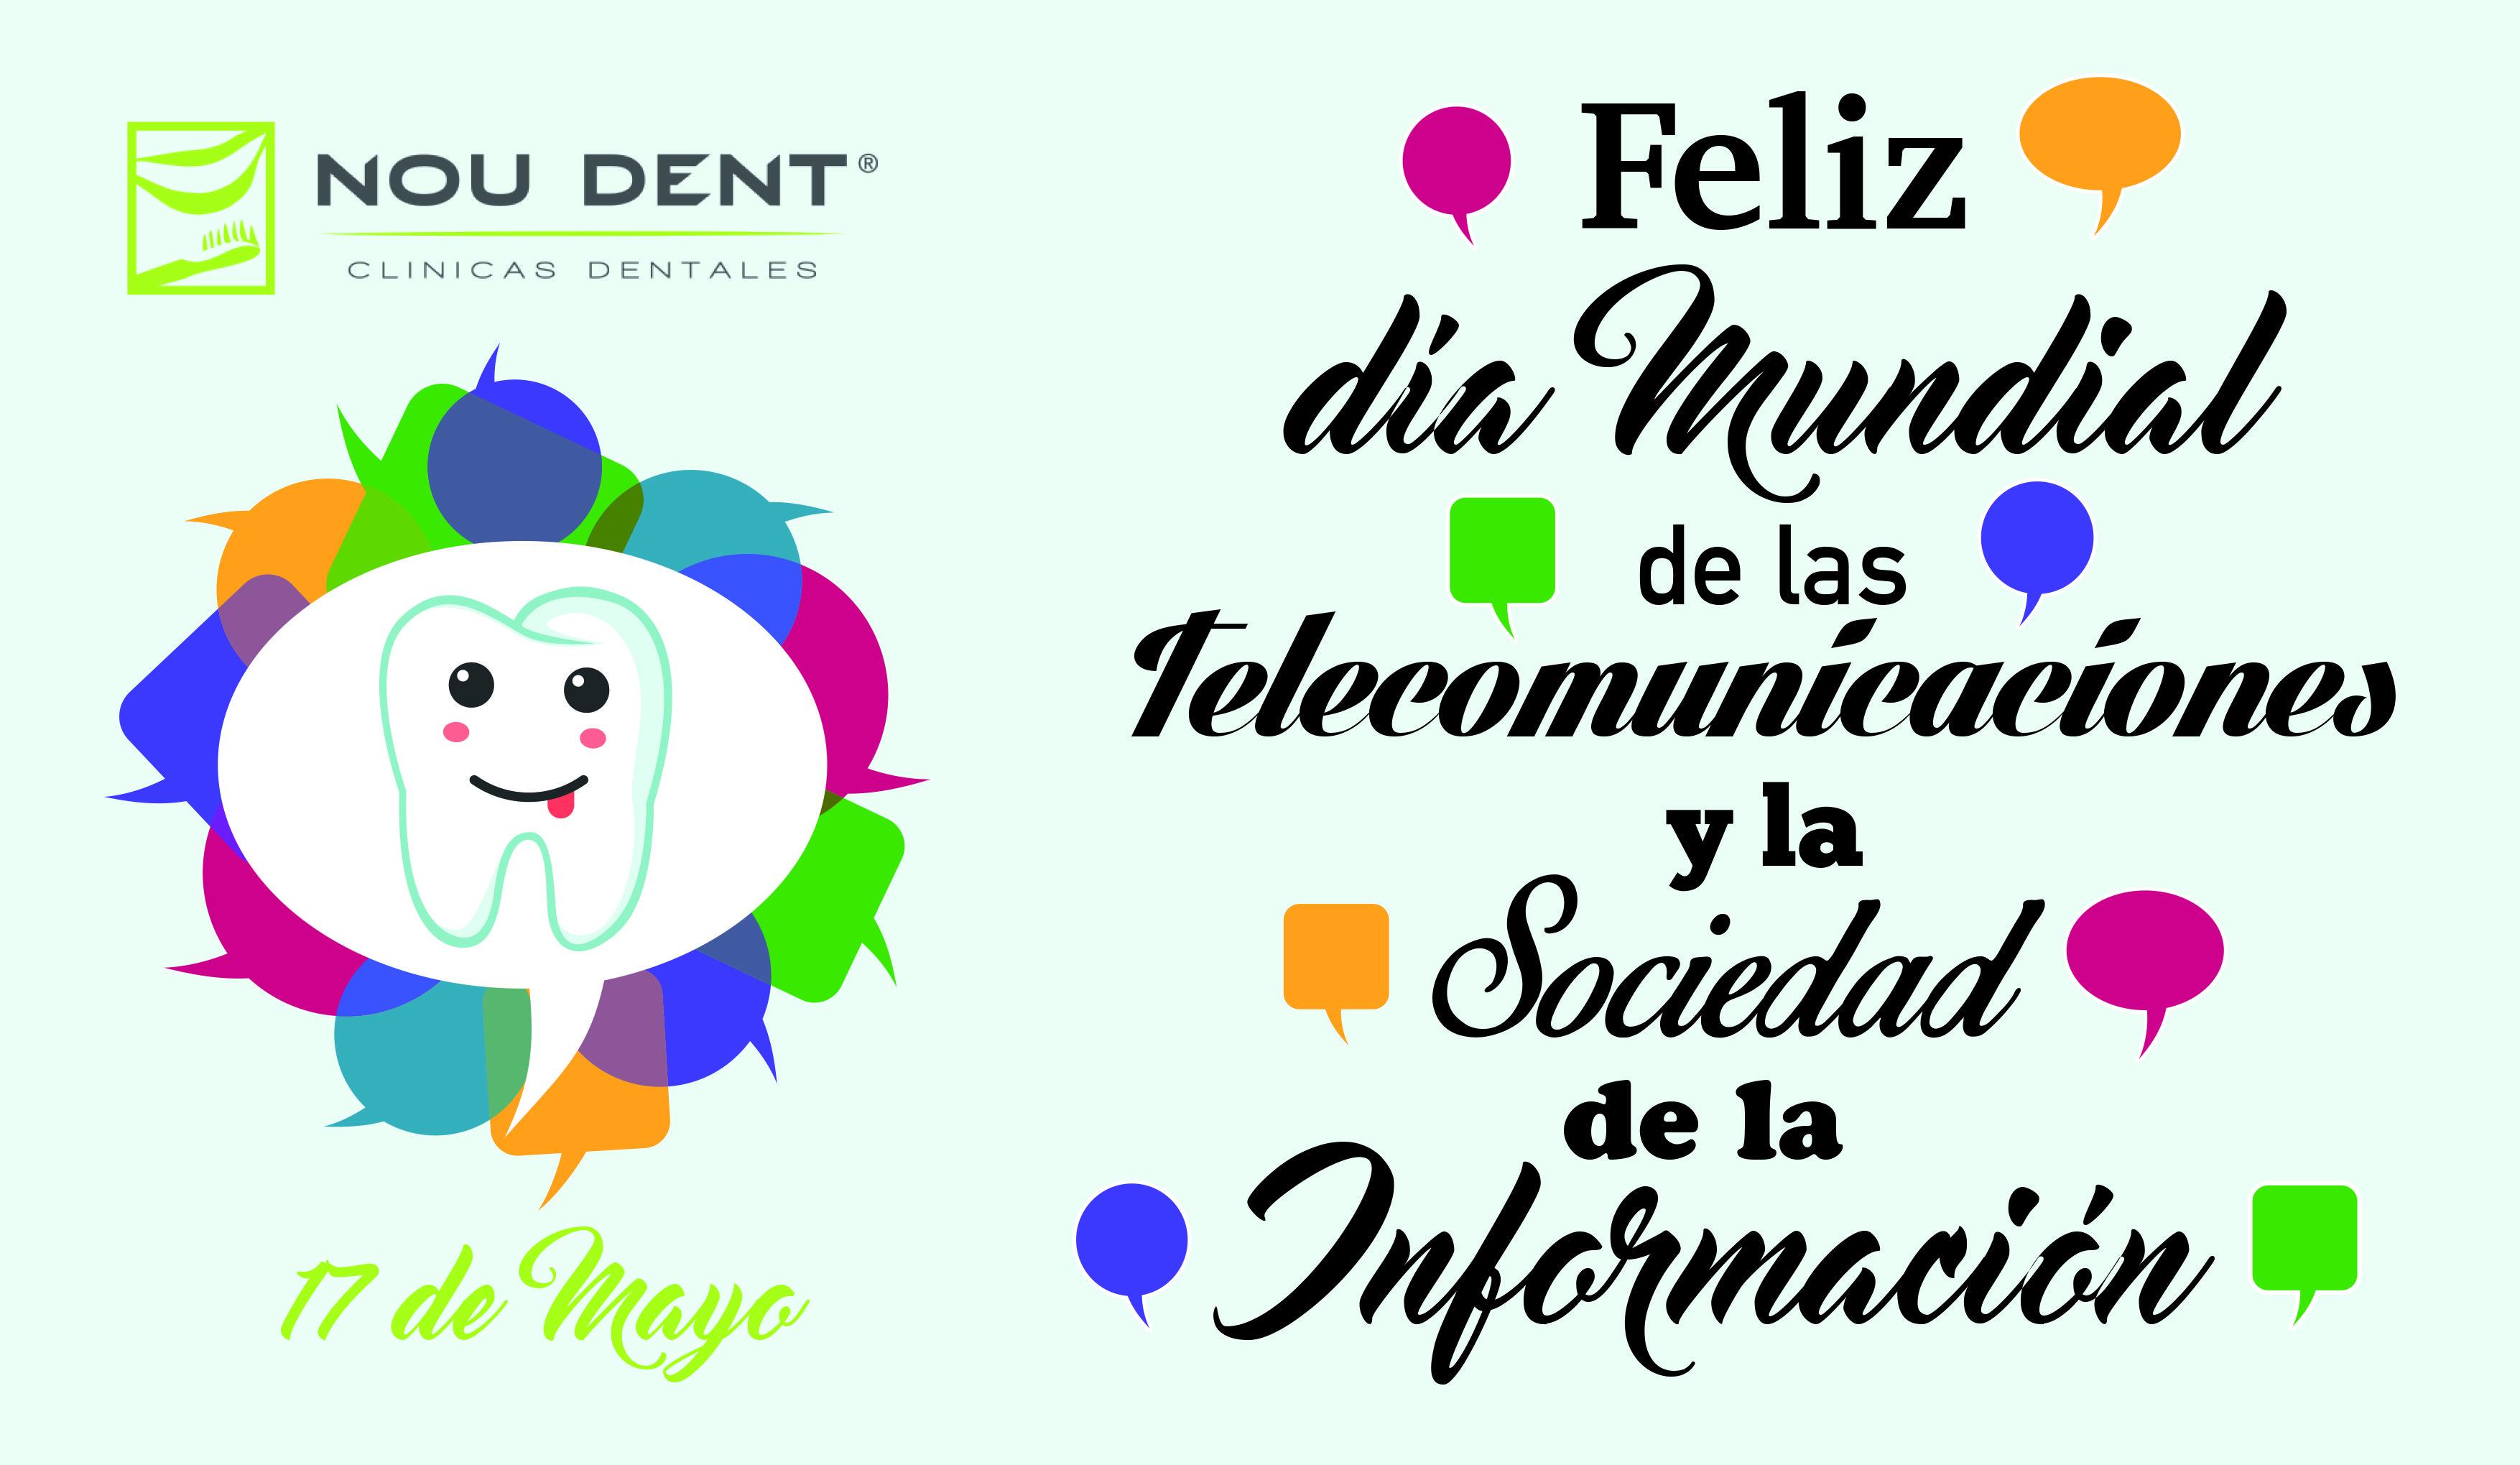 El 17 de mayo fue designado como el Día Mundial de las Telecomunicaciones y la Sociedad de la Información, donde realmente coinciden dos eventos, siendo uno el Día Mundial de la Sociedad de la Información (World Information Society Day) y otro el Día Mundial de las Telecomunicaciones.